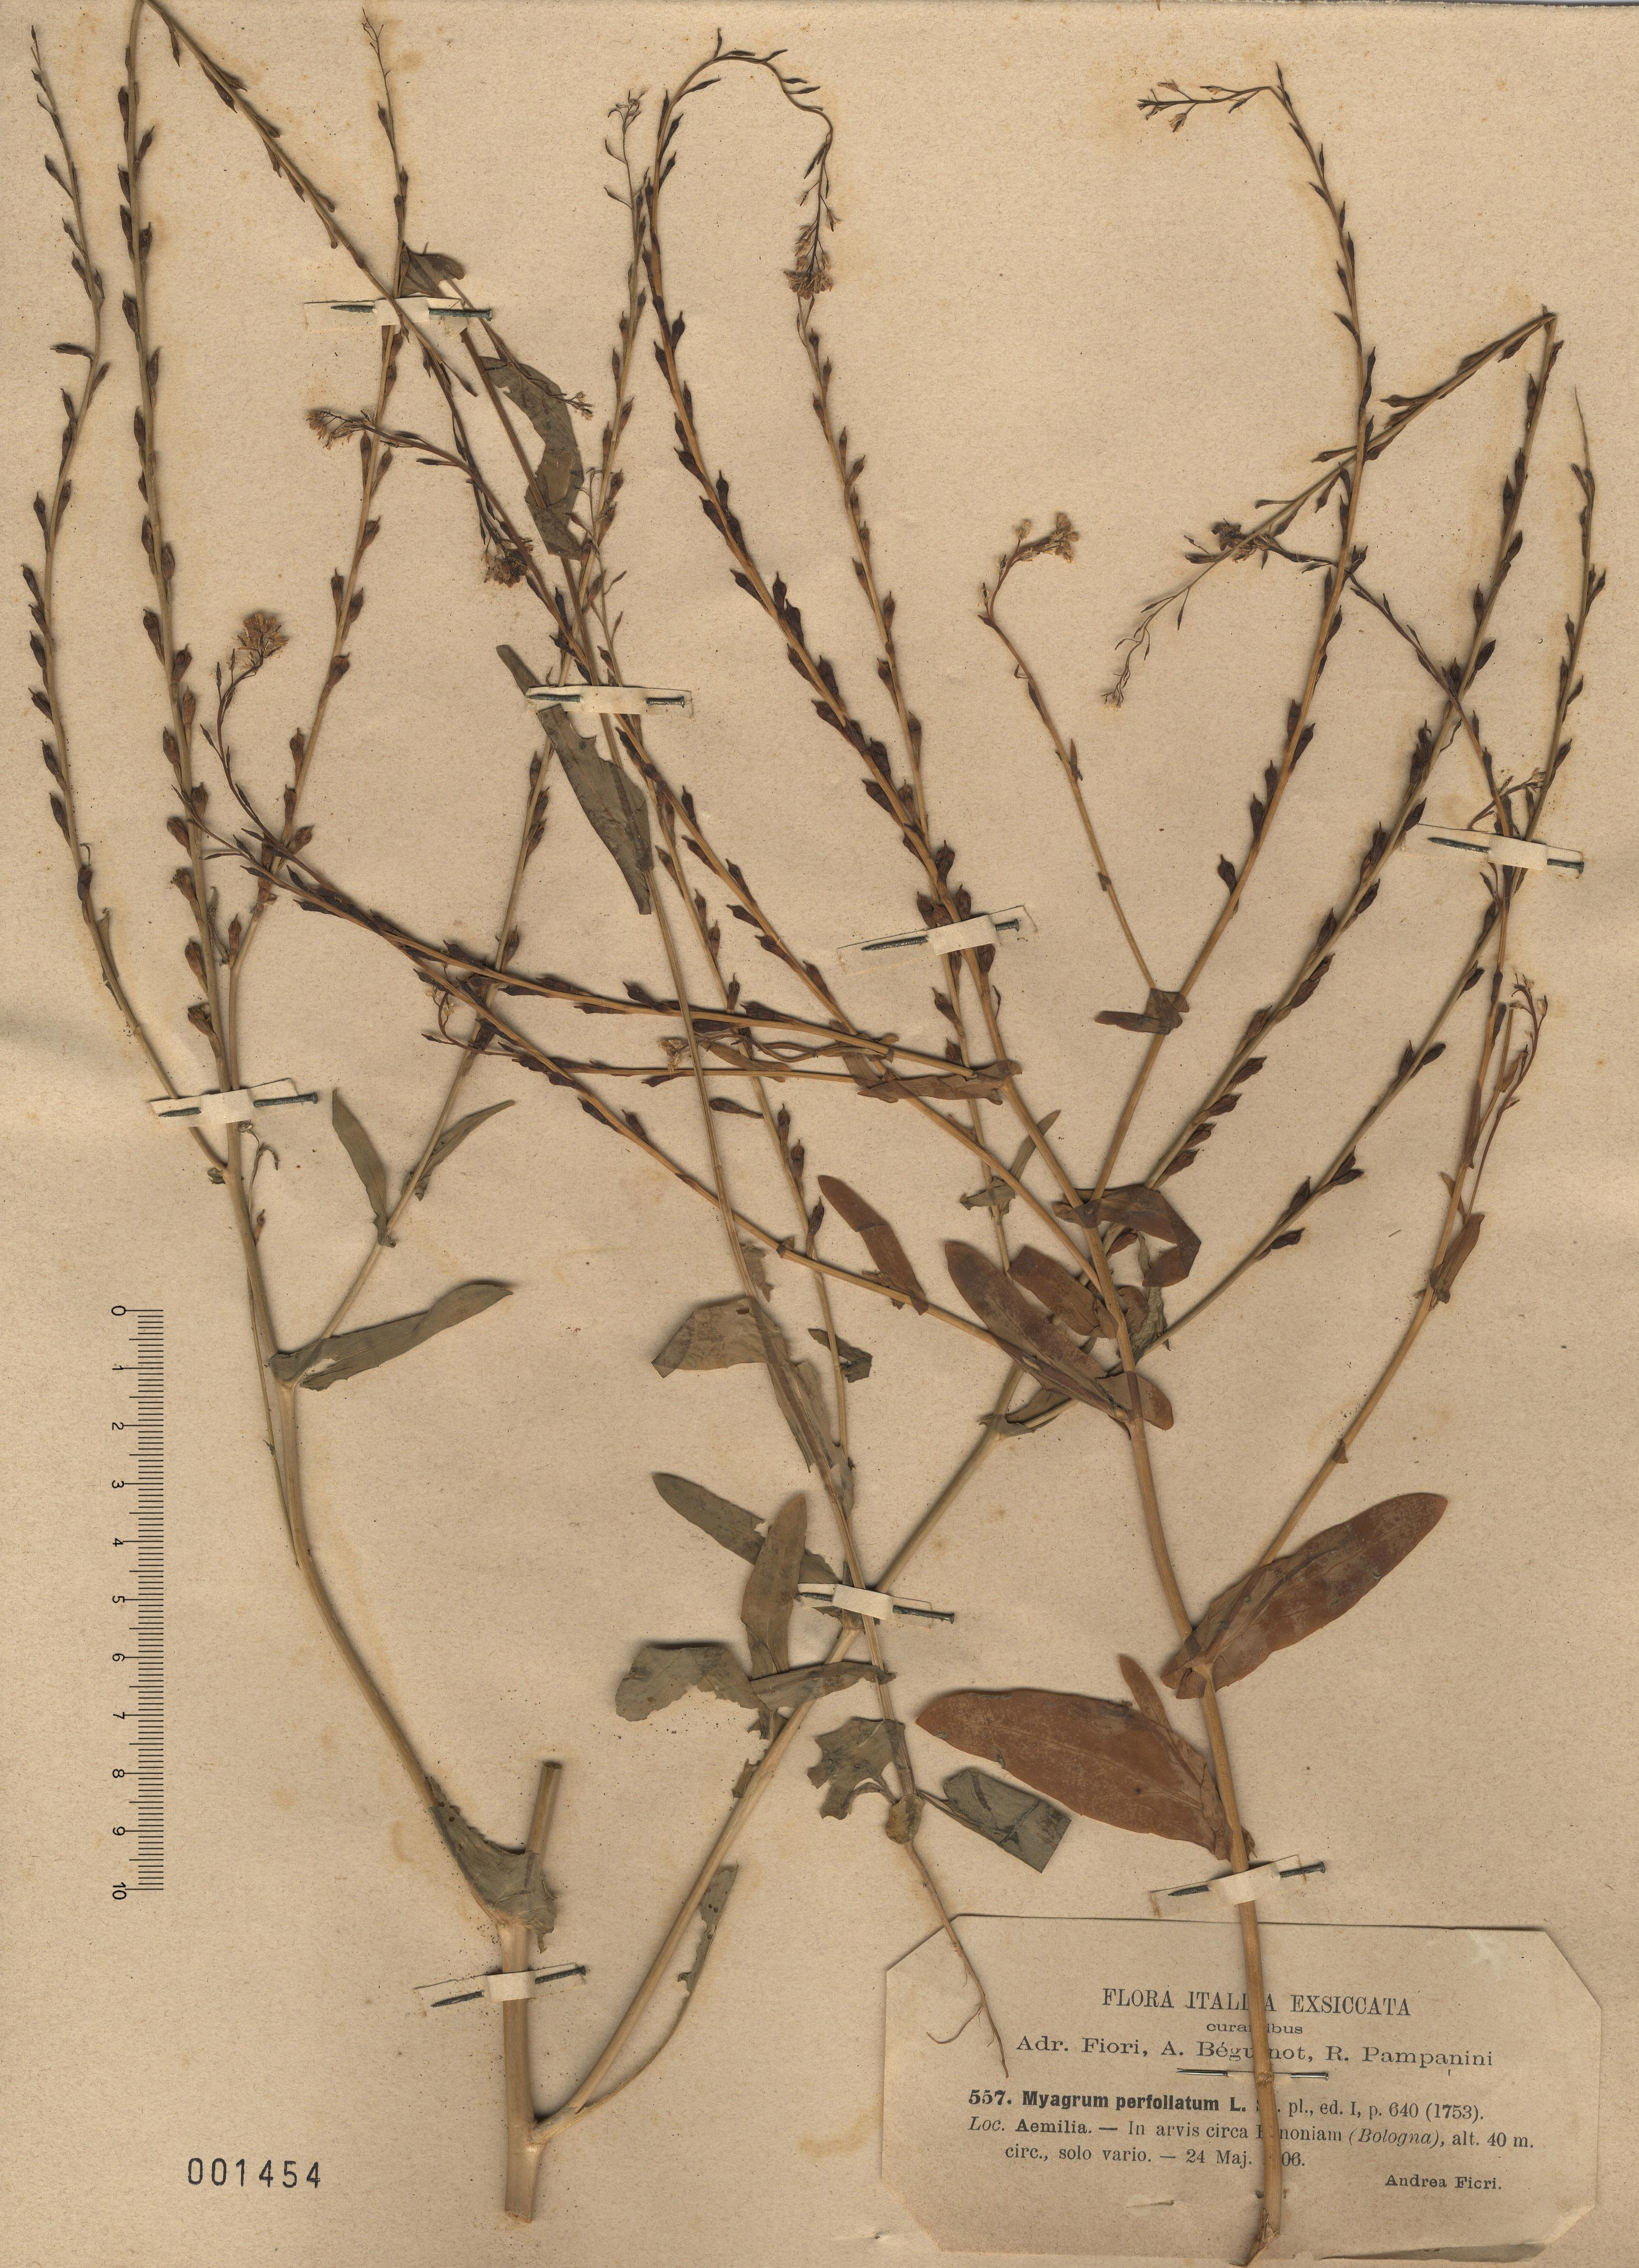 © Hortus Botanicus Catinensis - Herb. sheet 001454<br>